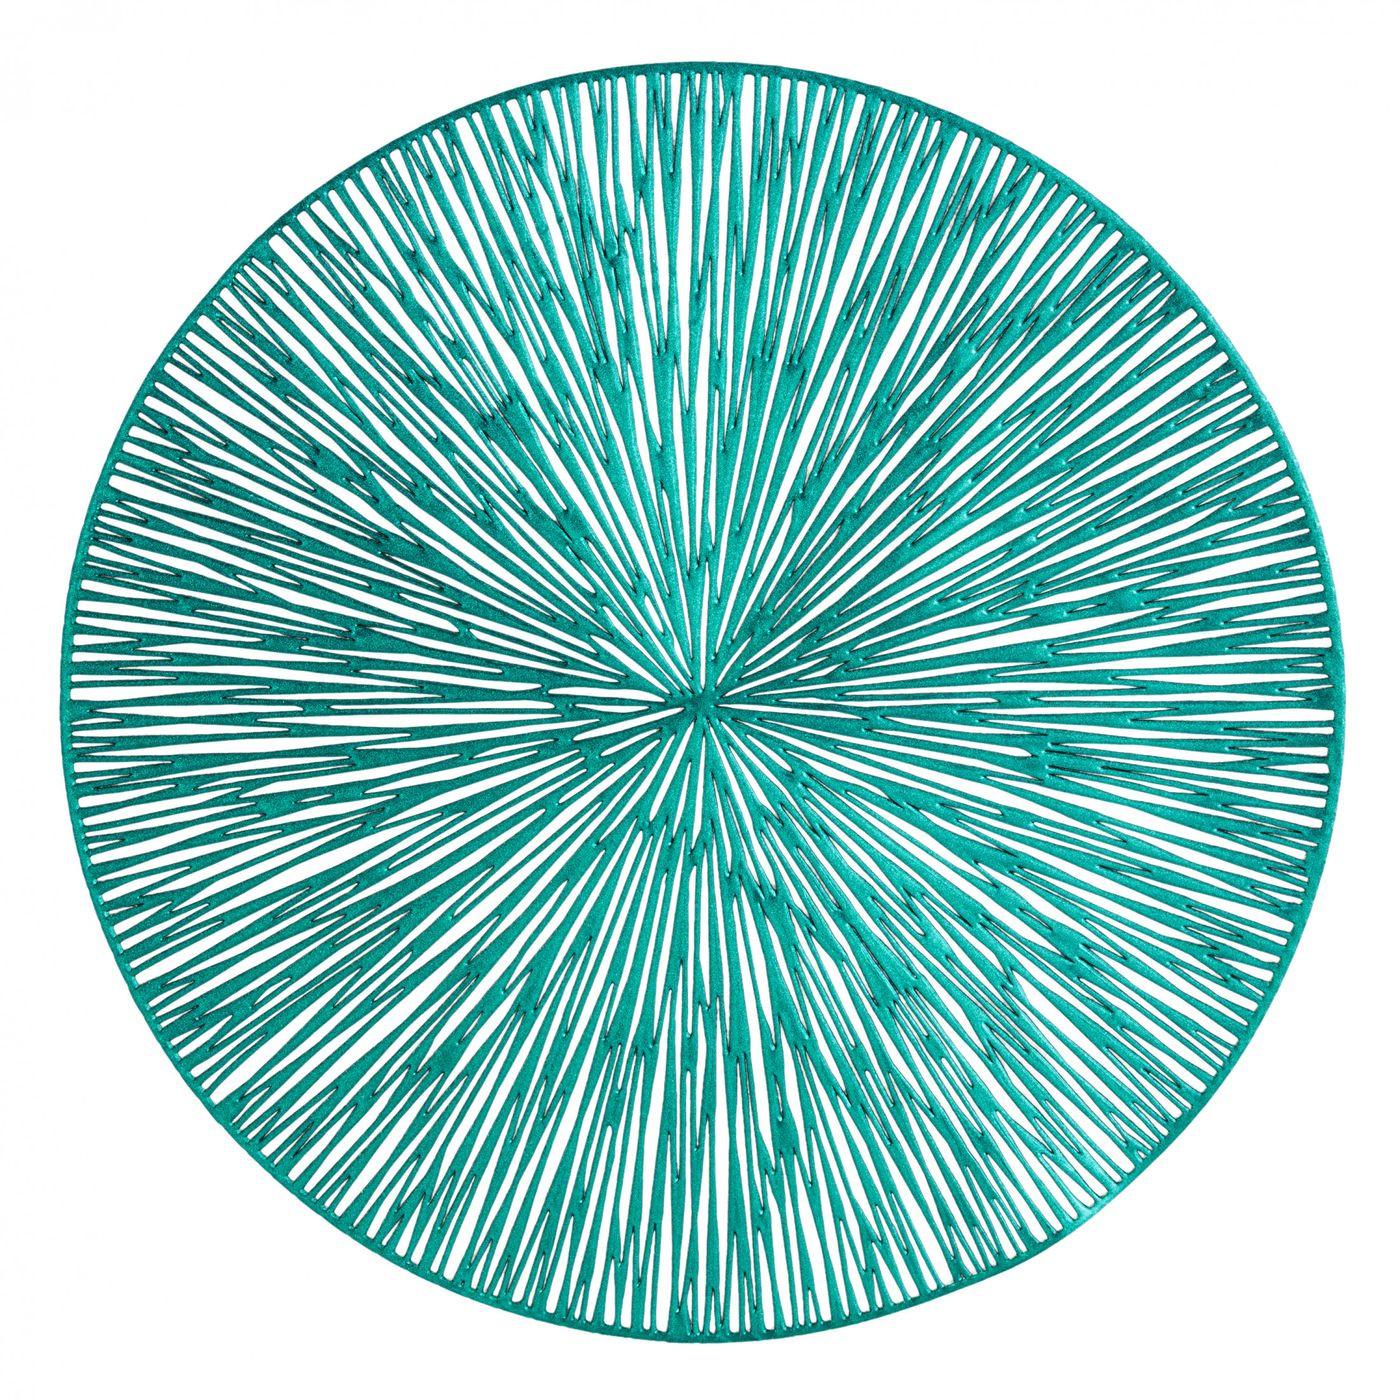 Okrągła podkładka stołowa ażurowa turkusowy średnica 38 cm